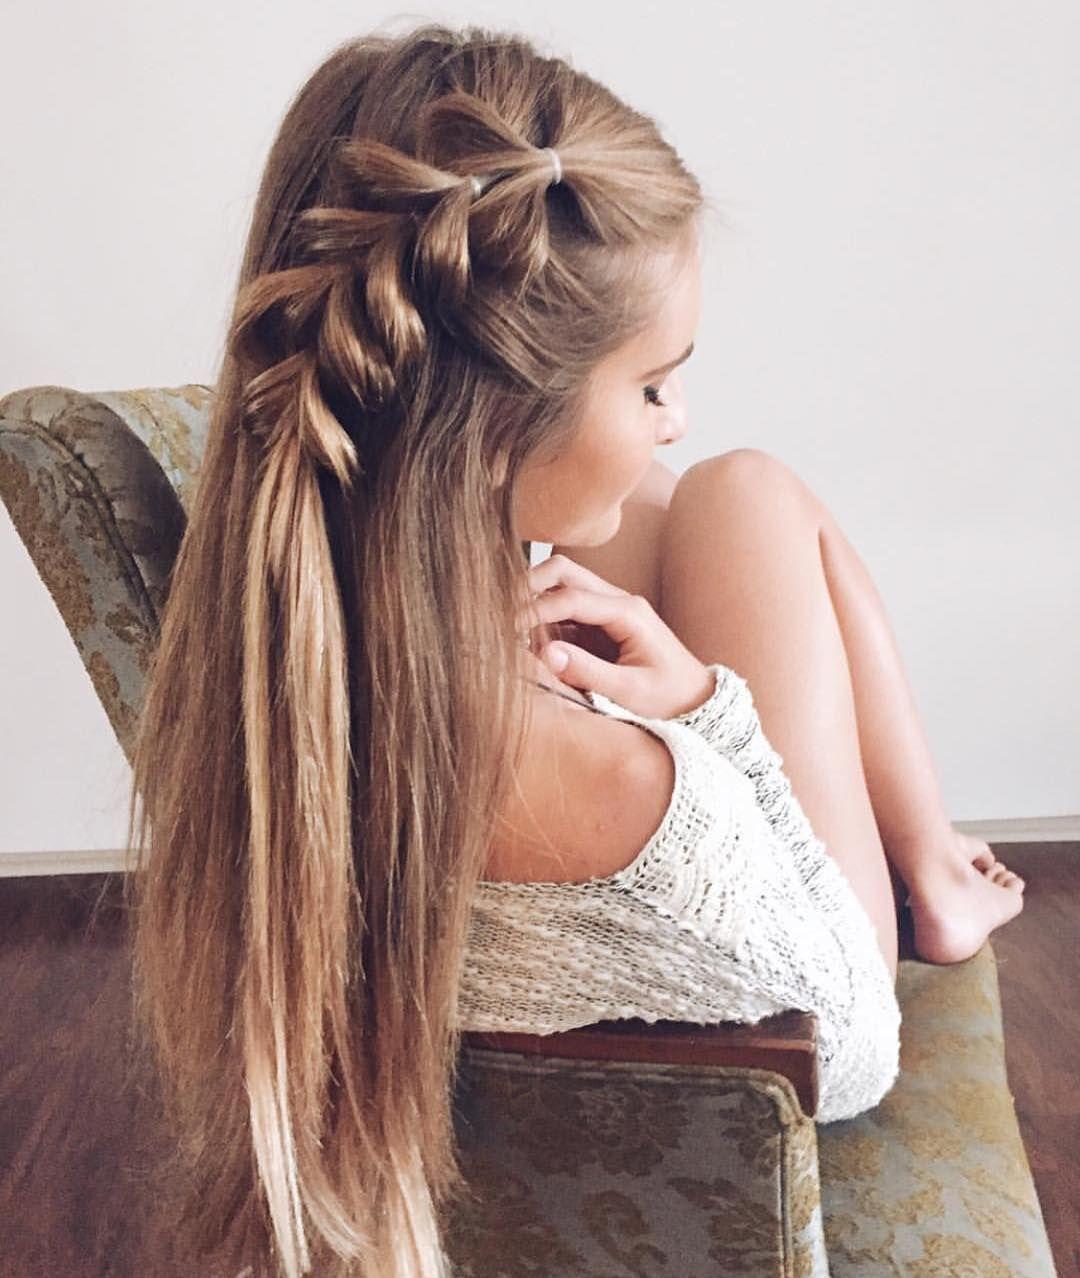 16 Estilos De Peinados Que Debes Intentar Este Verano Te Haran - Peinados-con-trenzas-a-un-lado